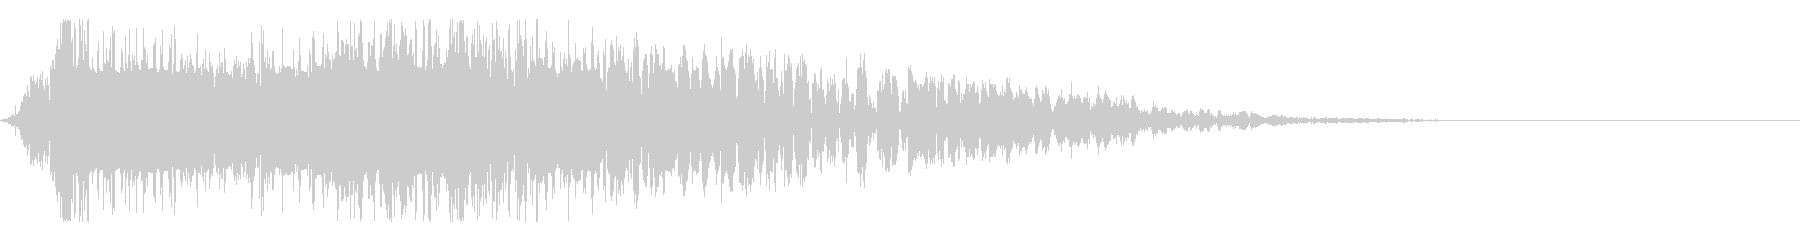 ドコォ!アニメ風のインパクト音の未再生の波形